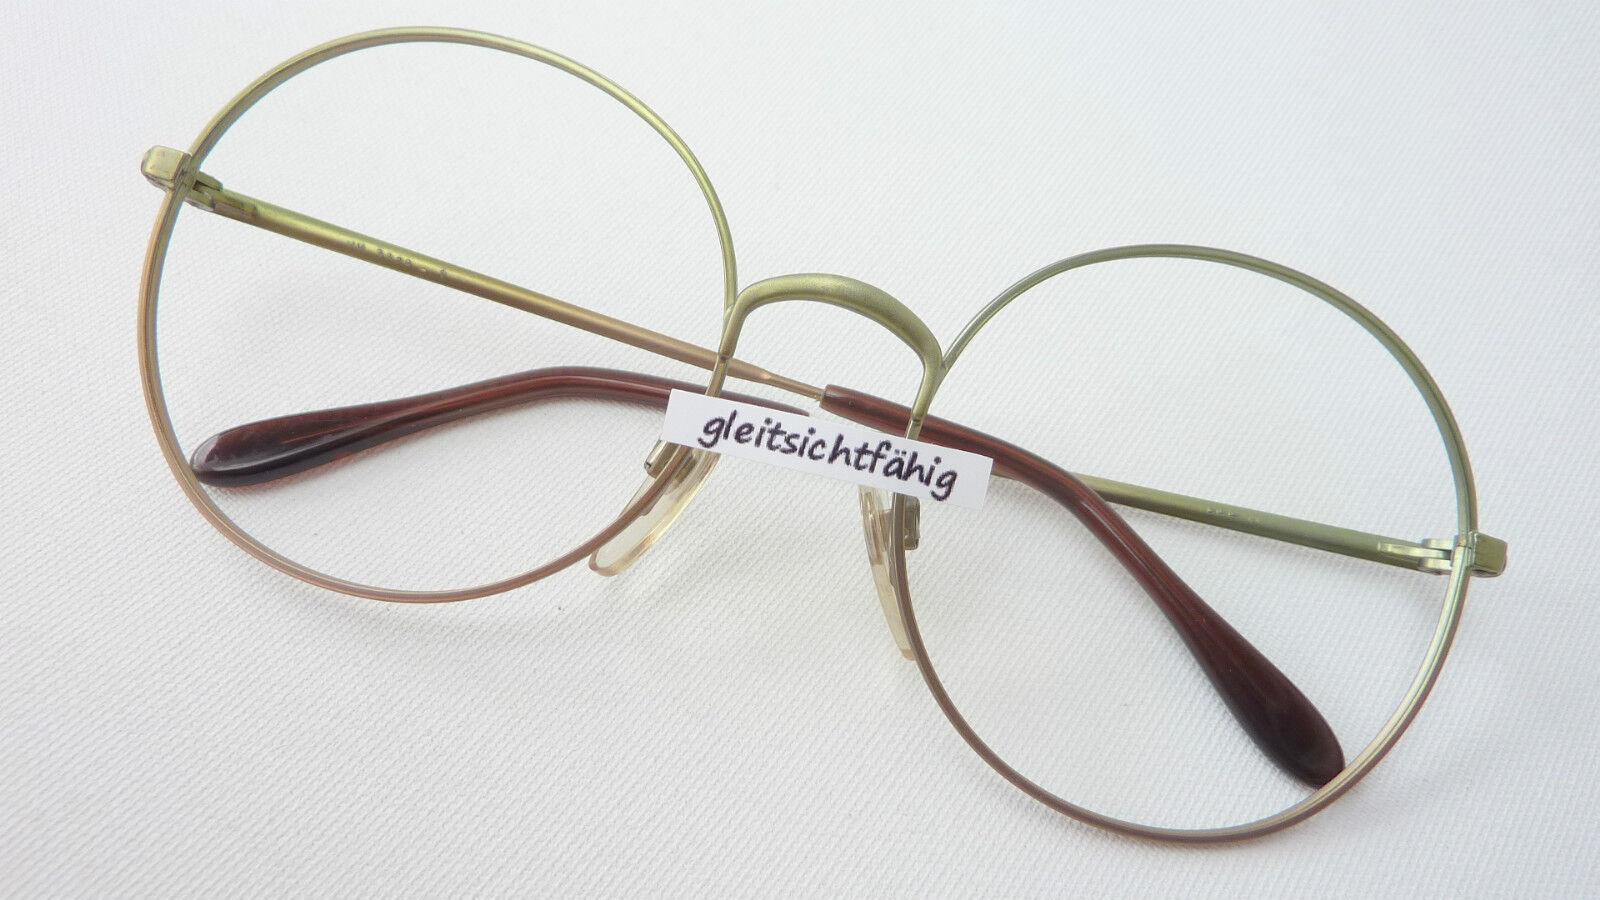 XL Brillenfassung Metall Brille groß rund 70s 70s 70s grün braun Hippie Vintage 5618 | Outlet Store  | Verschiedene Waren  | Exquisite (mittlere) Verarbeitung  1a2df0